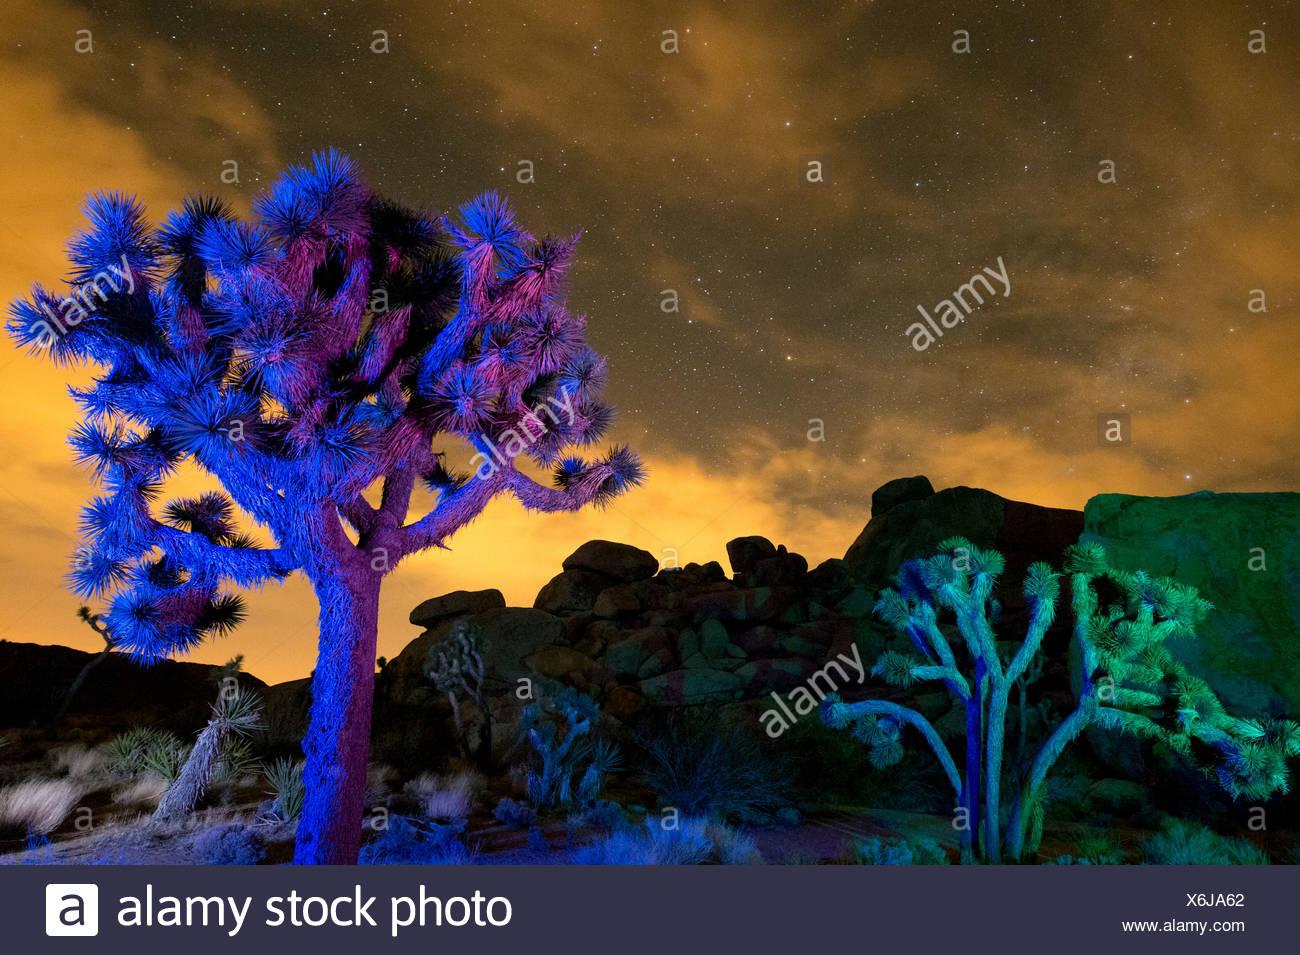 Luci colorate su alberi di Joshua di notte, Joshua Tree National Park, California, Stati Uniti d'America Immagini Stock